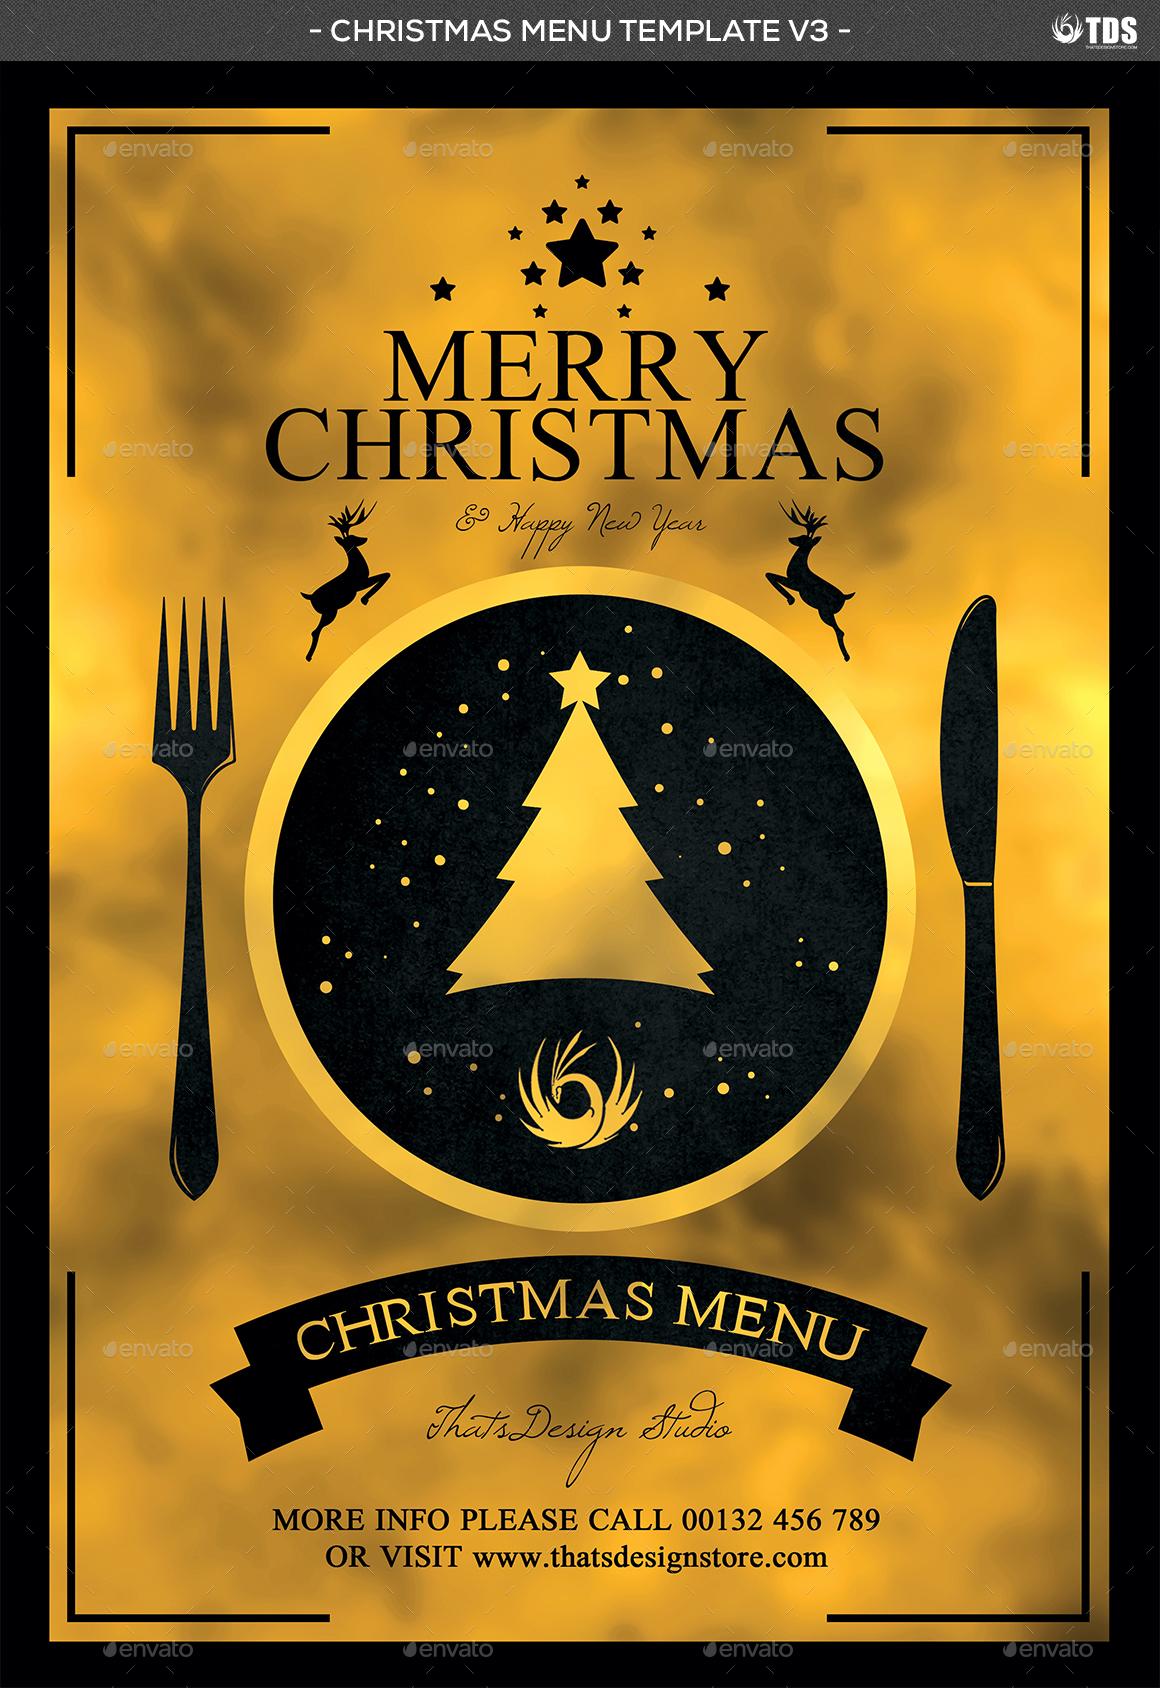 christmas menu template v3 by lou606 graphicriver menu template v3 jpg